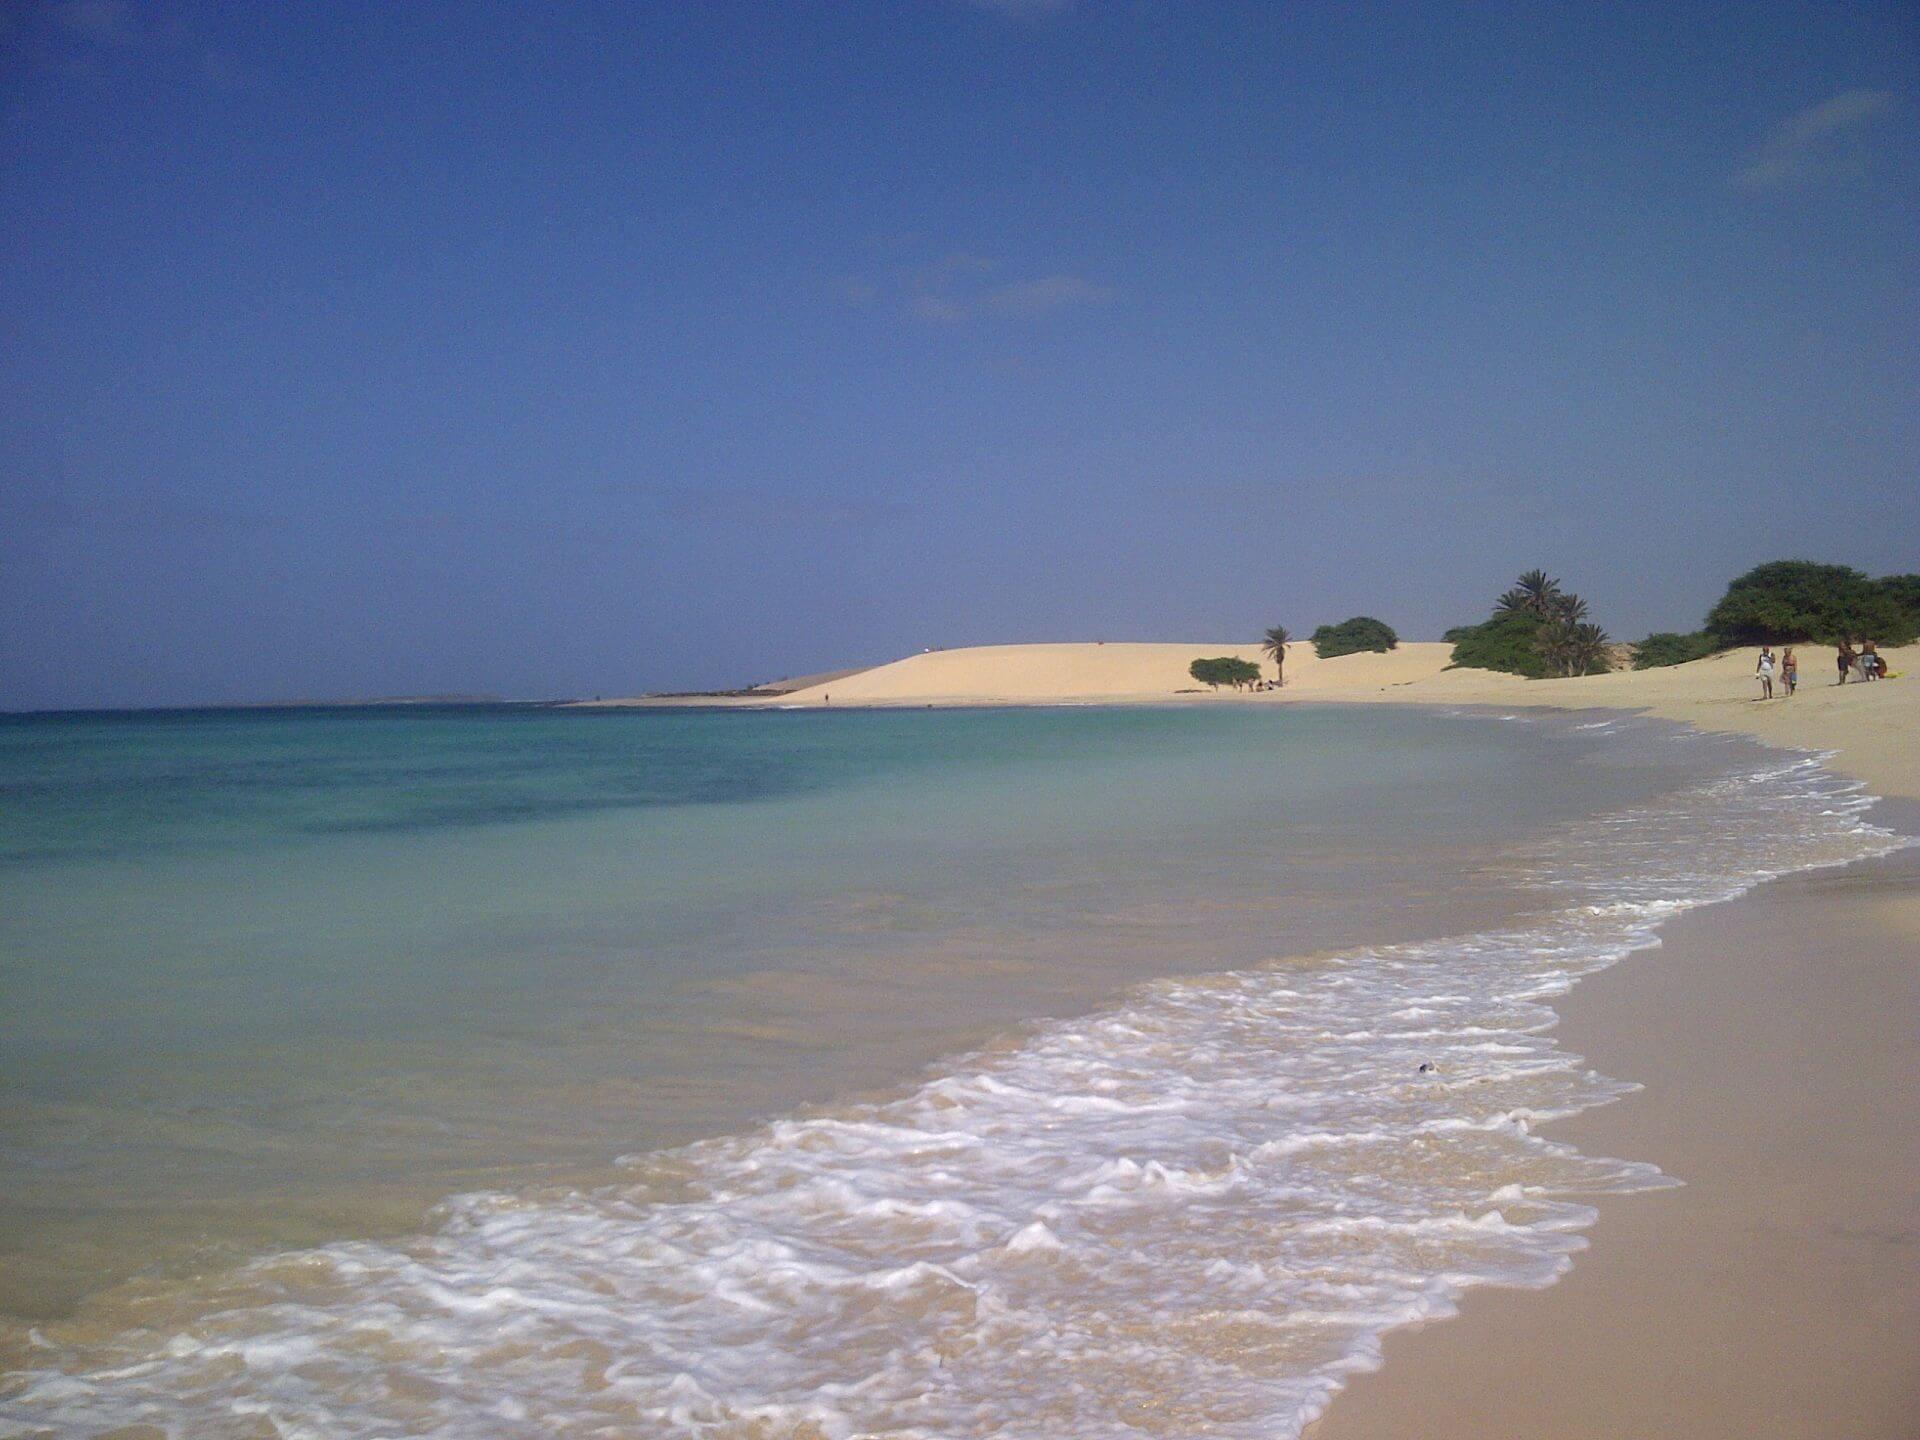 Vakantie op de Kaapverdische eilanden | Wiki Vakantie: www.wiki-vakantie.nl/vakantielanden/kaapverdische-eilanden